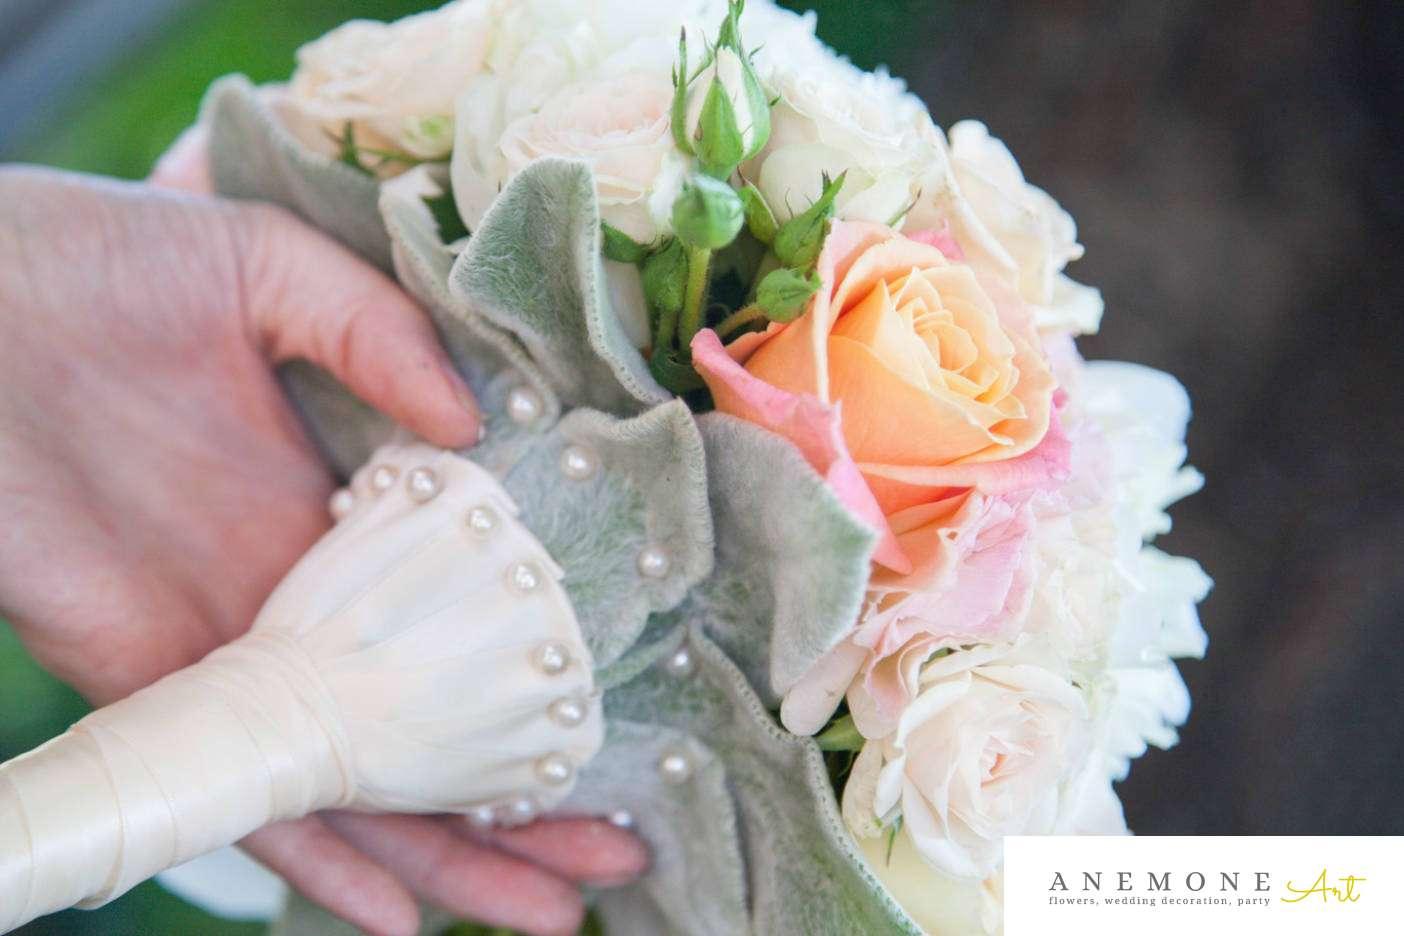 Poza, foto cu Flori de nunta alb, buchet mireasa, bujori, maner buchet, piersica in Arad, Timisoara, Oradea (wedding flowers, bouquets) nunta Arad, Timisoara, Oradea